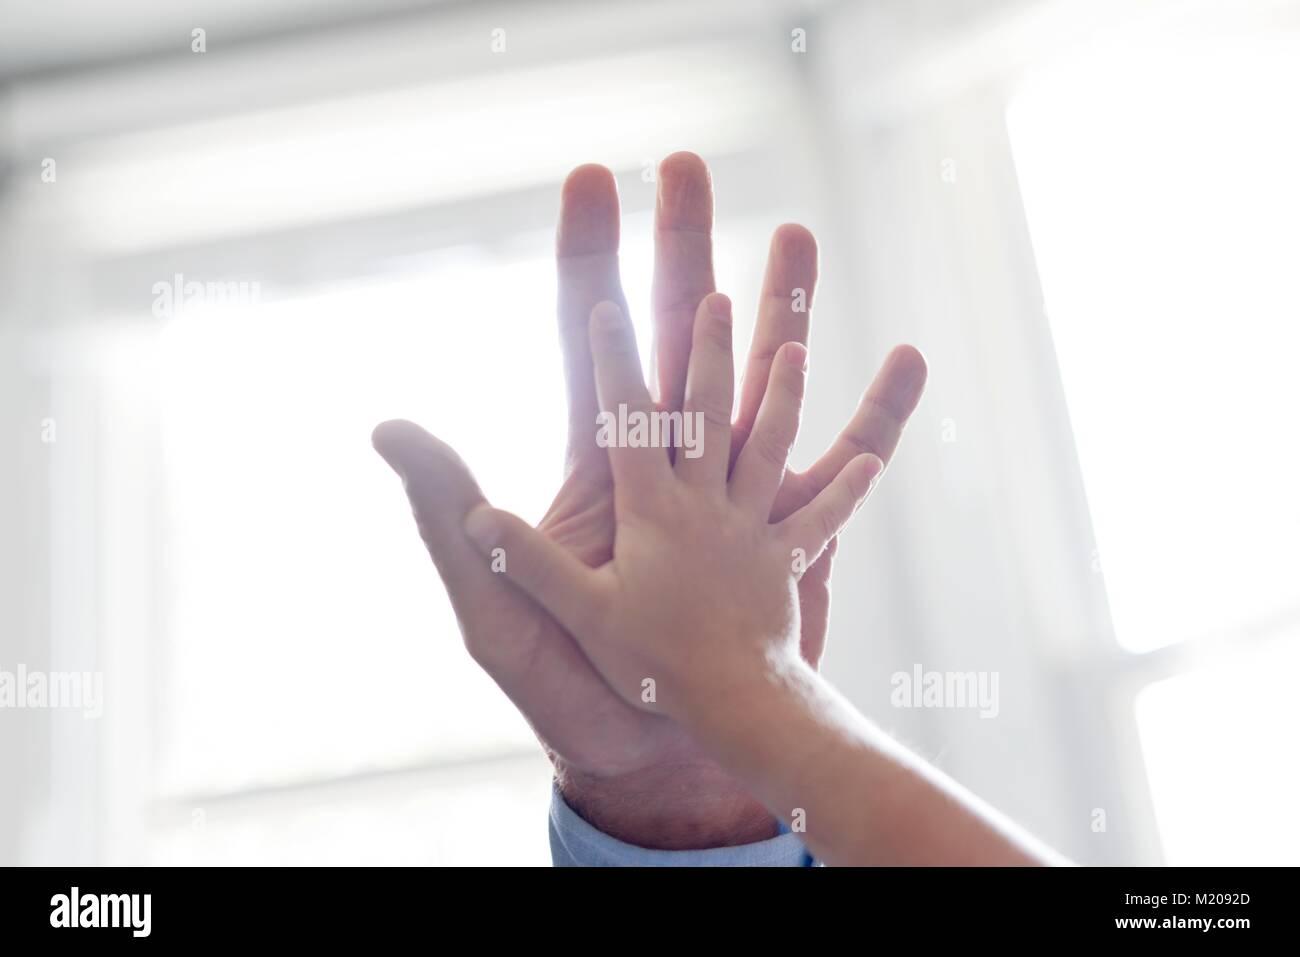 Kinder und Erwachsene Hände berühren. Stockbild